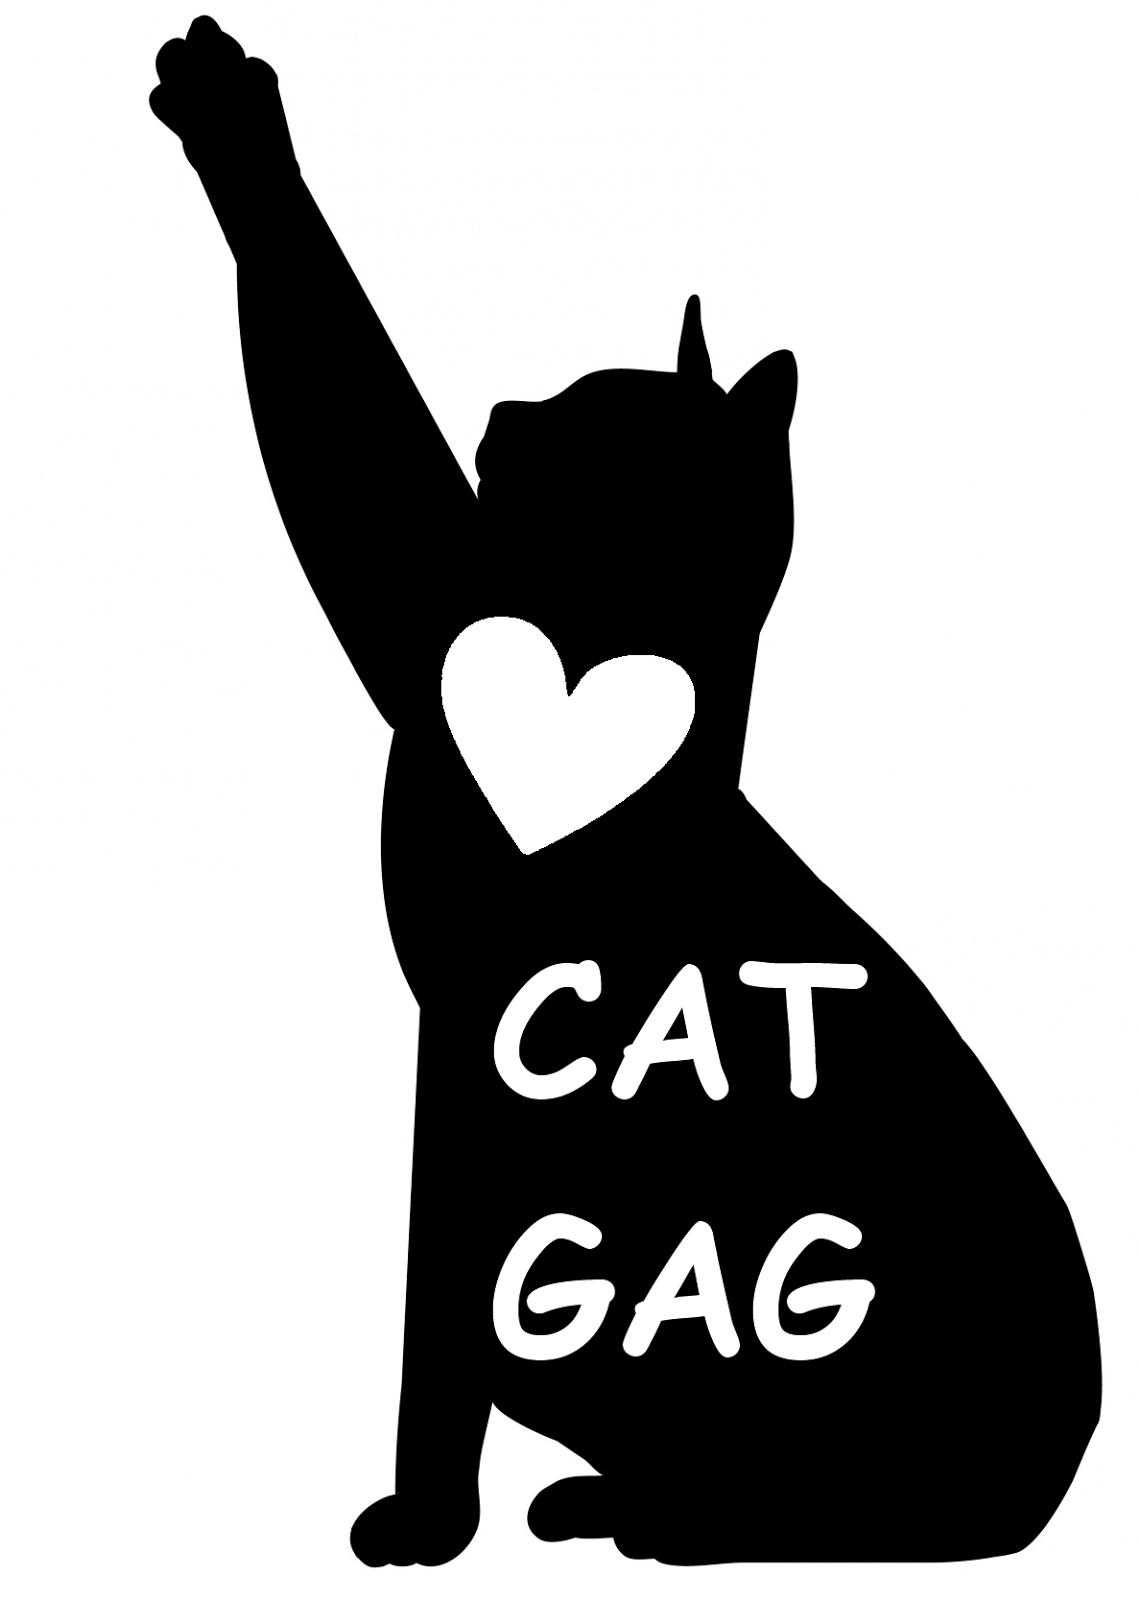 Cat GAG